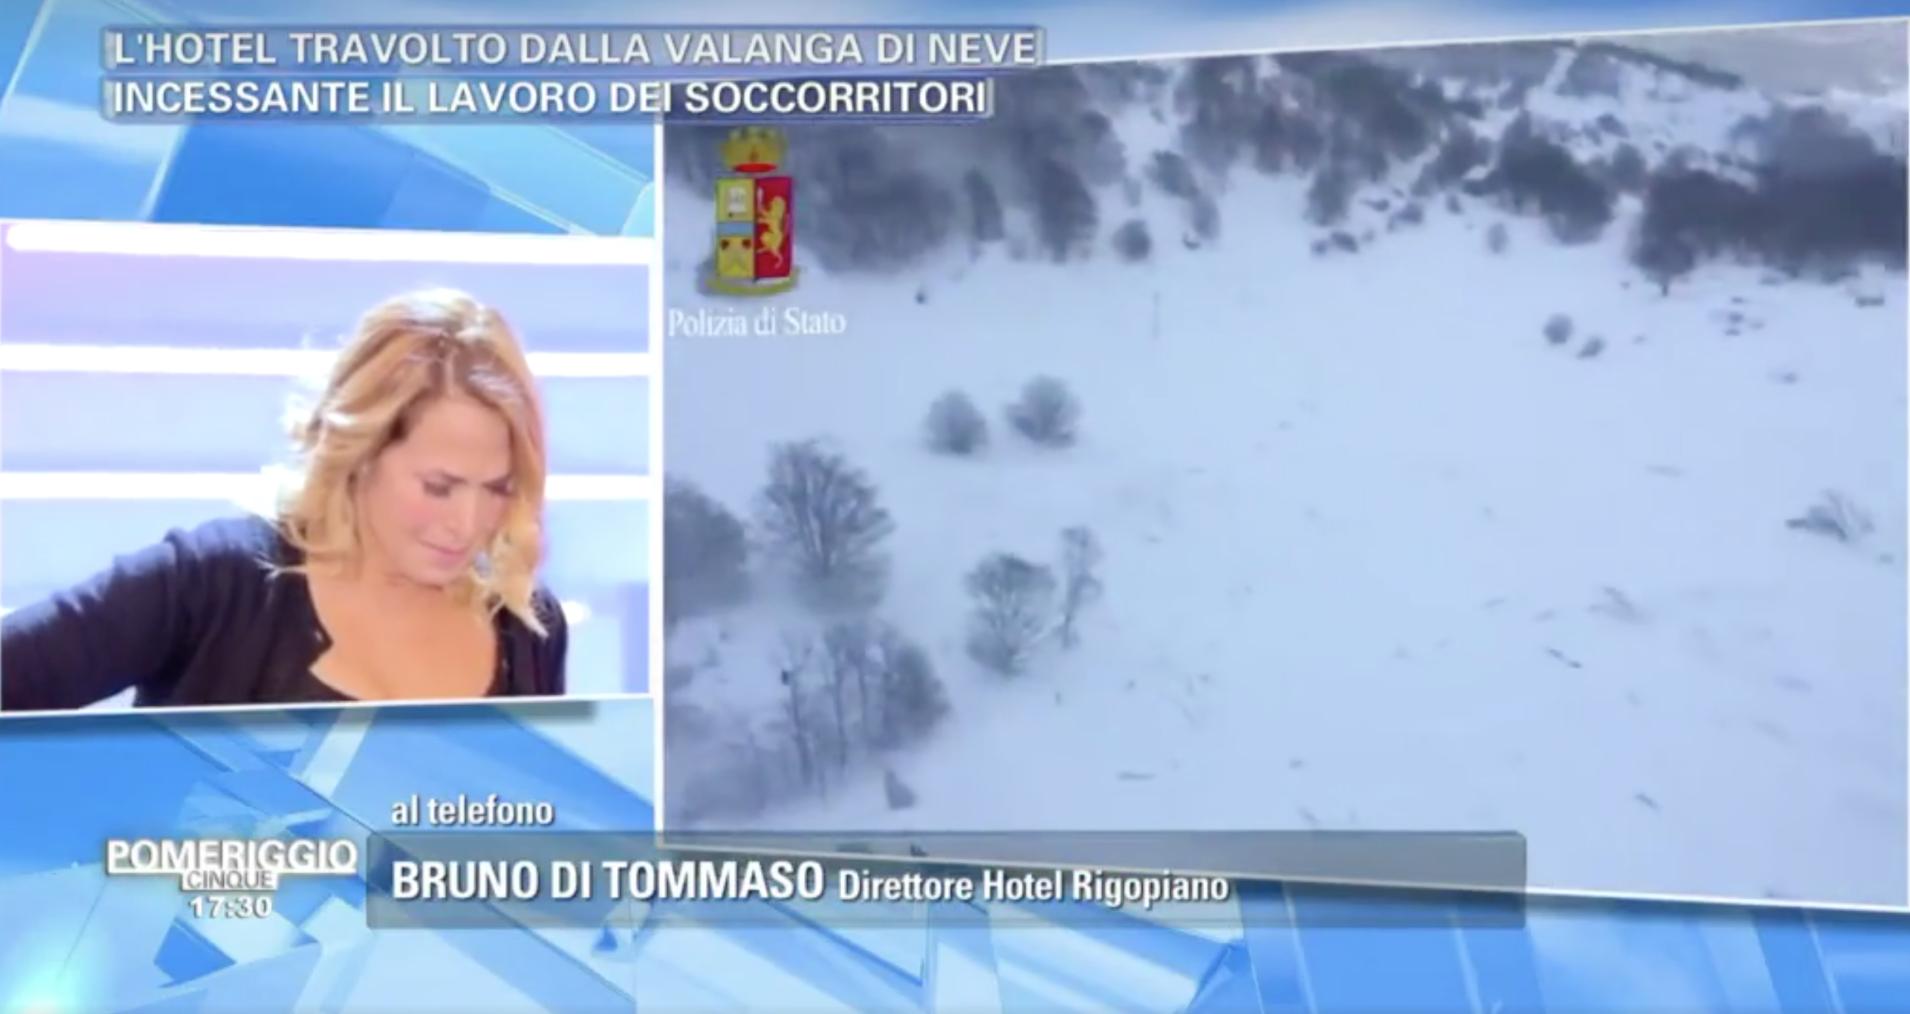 Barbara D'Urso si commuove in diretta a Pomeriggio 5: 'L'Hotel Rigopiano era il mio nido'